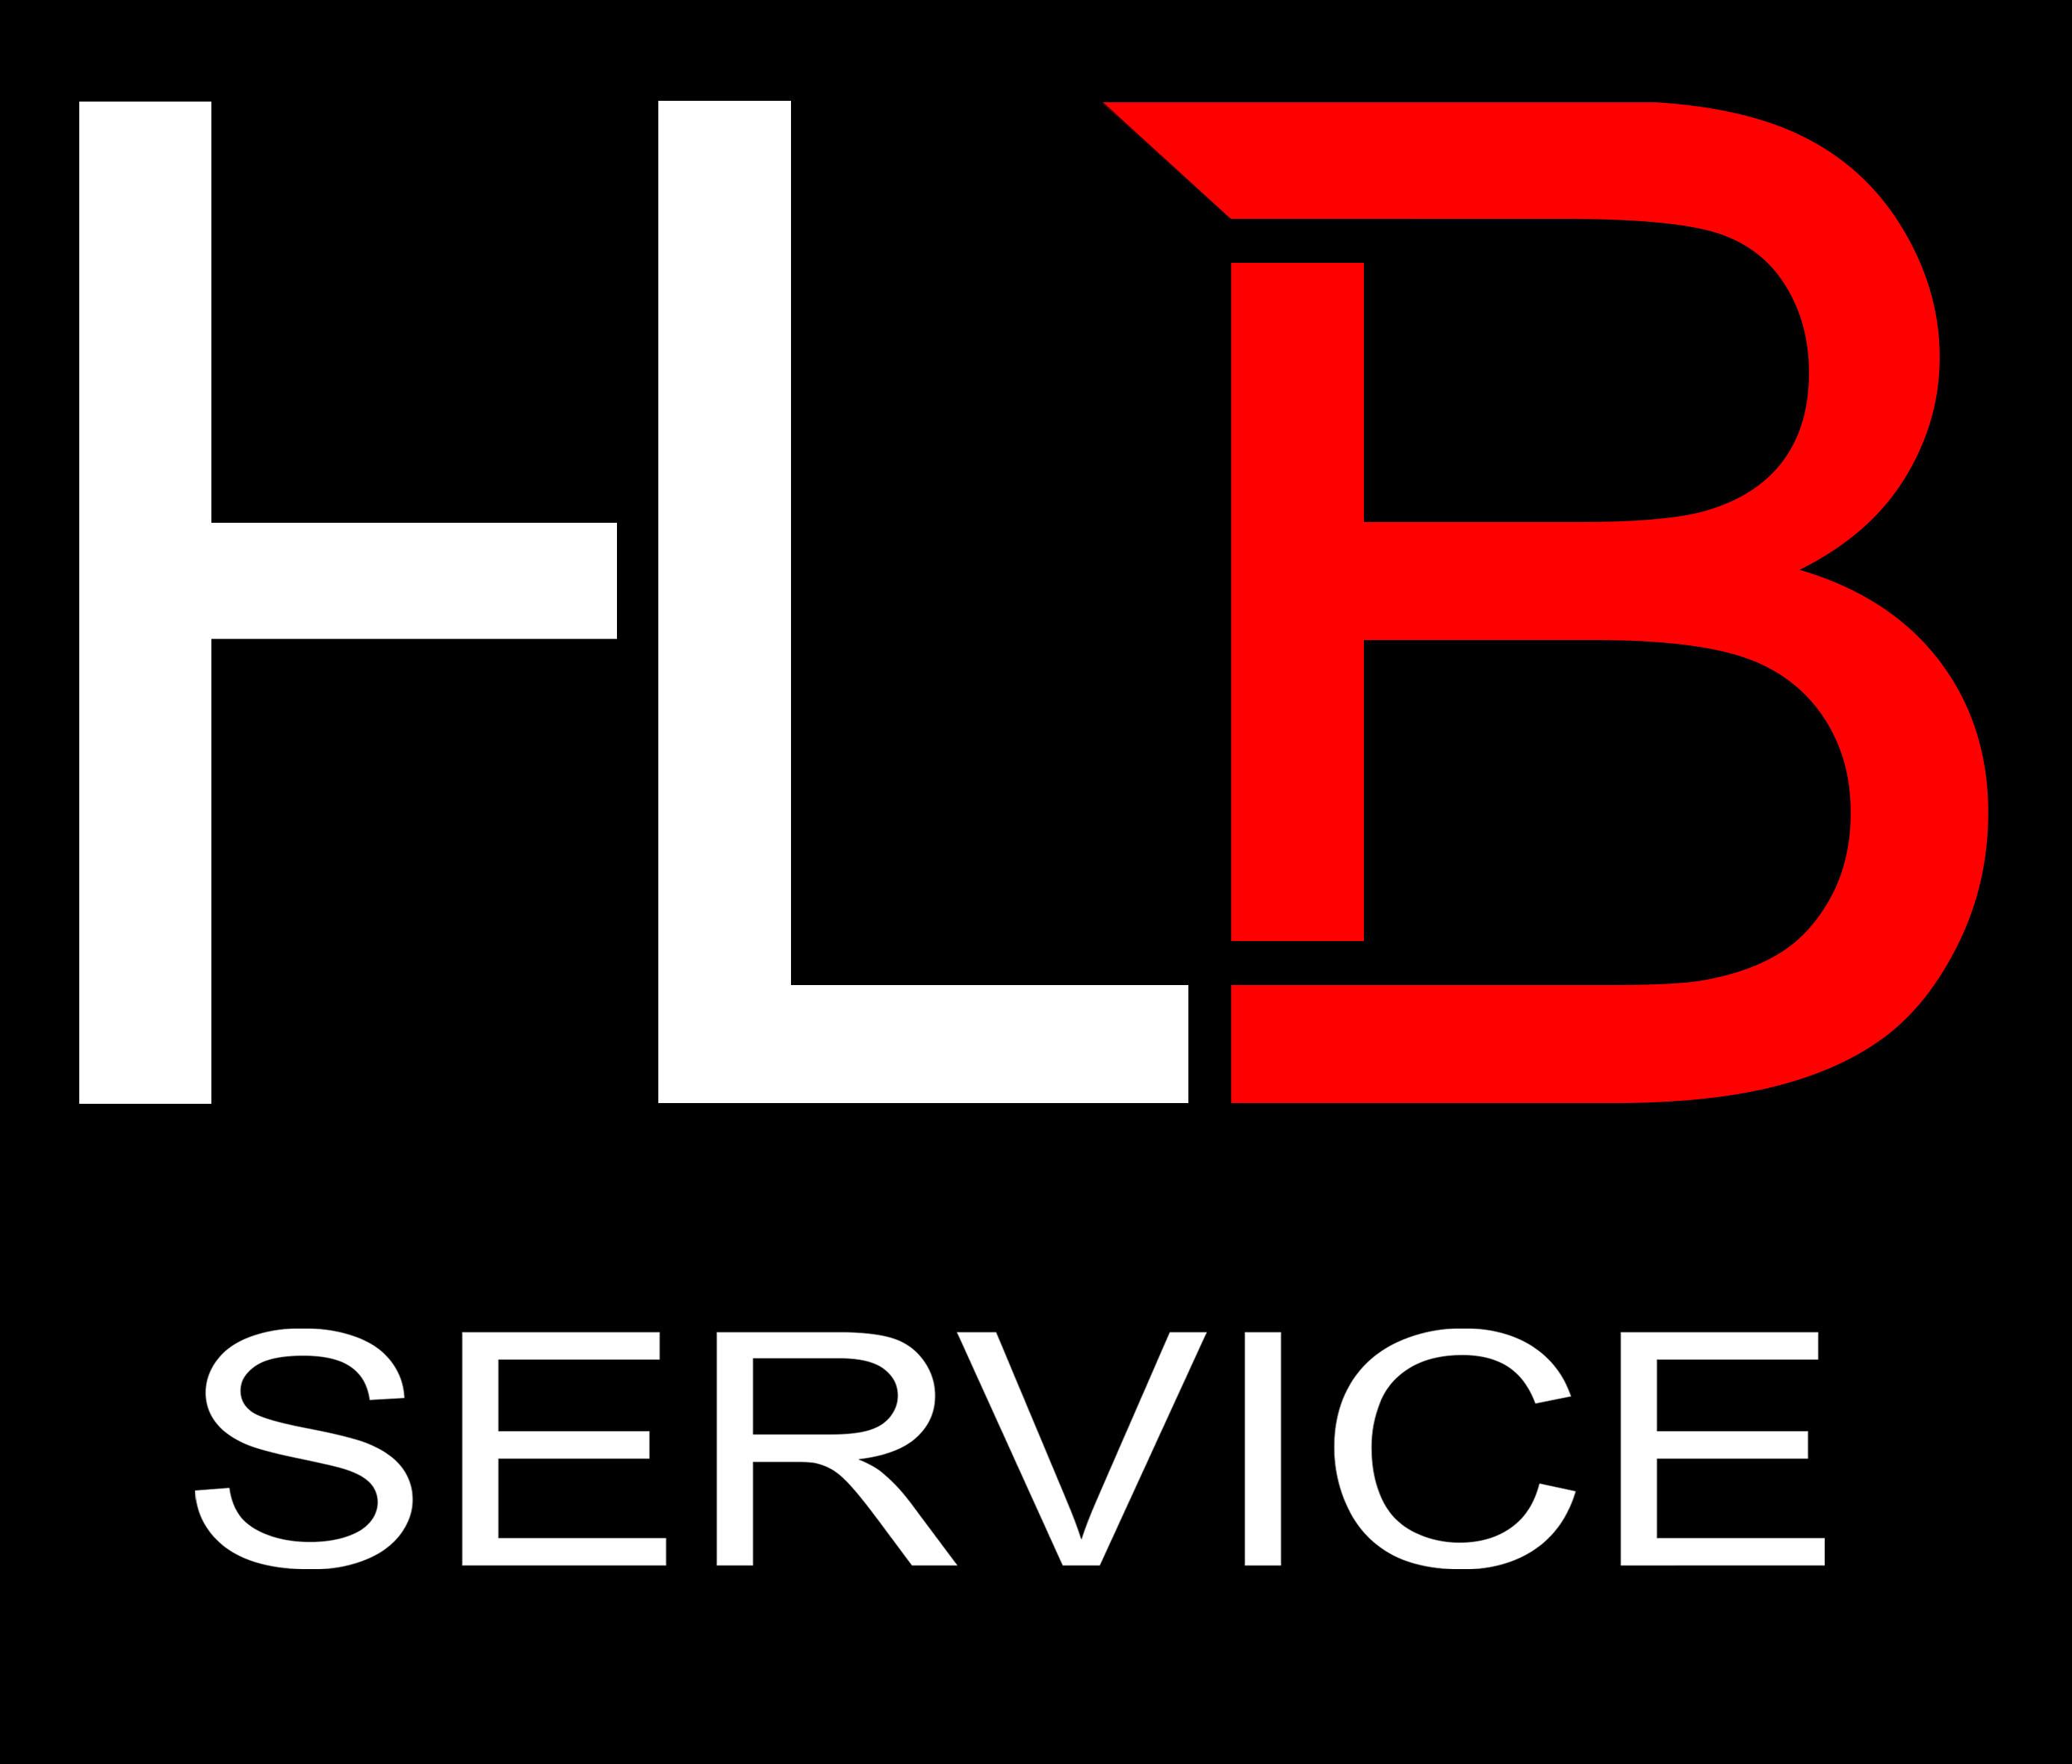 HLB Service - bureau de gestion